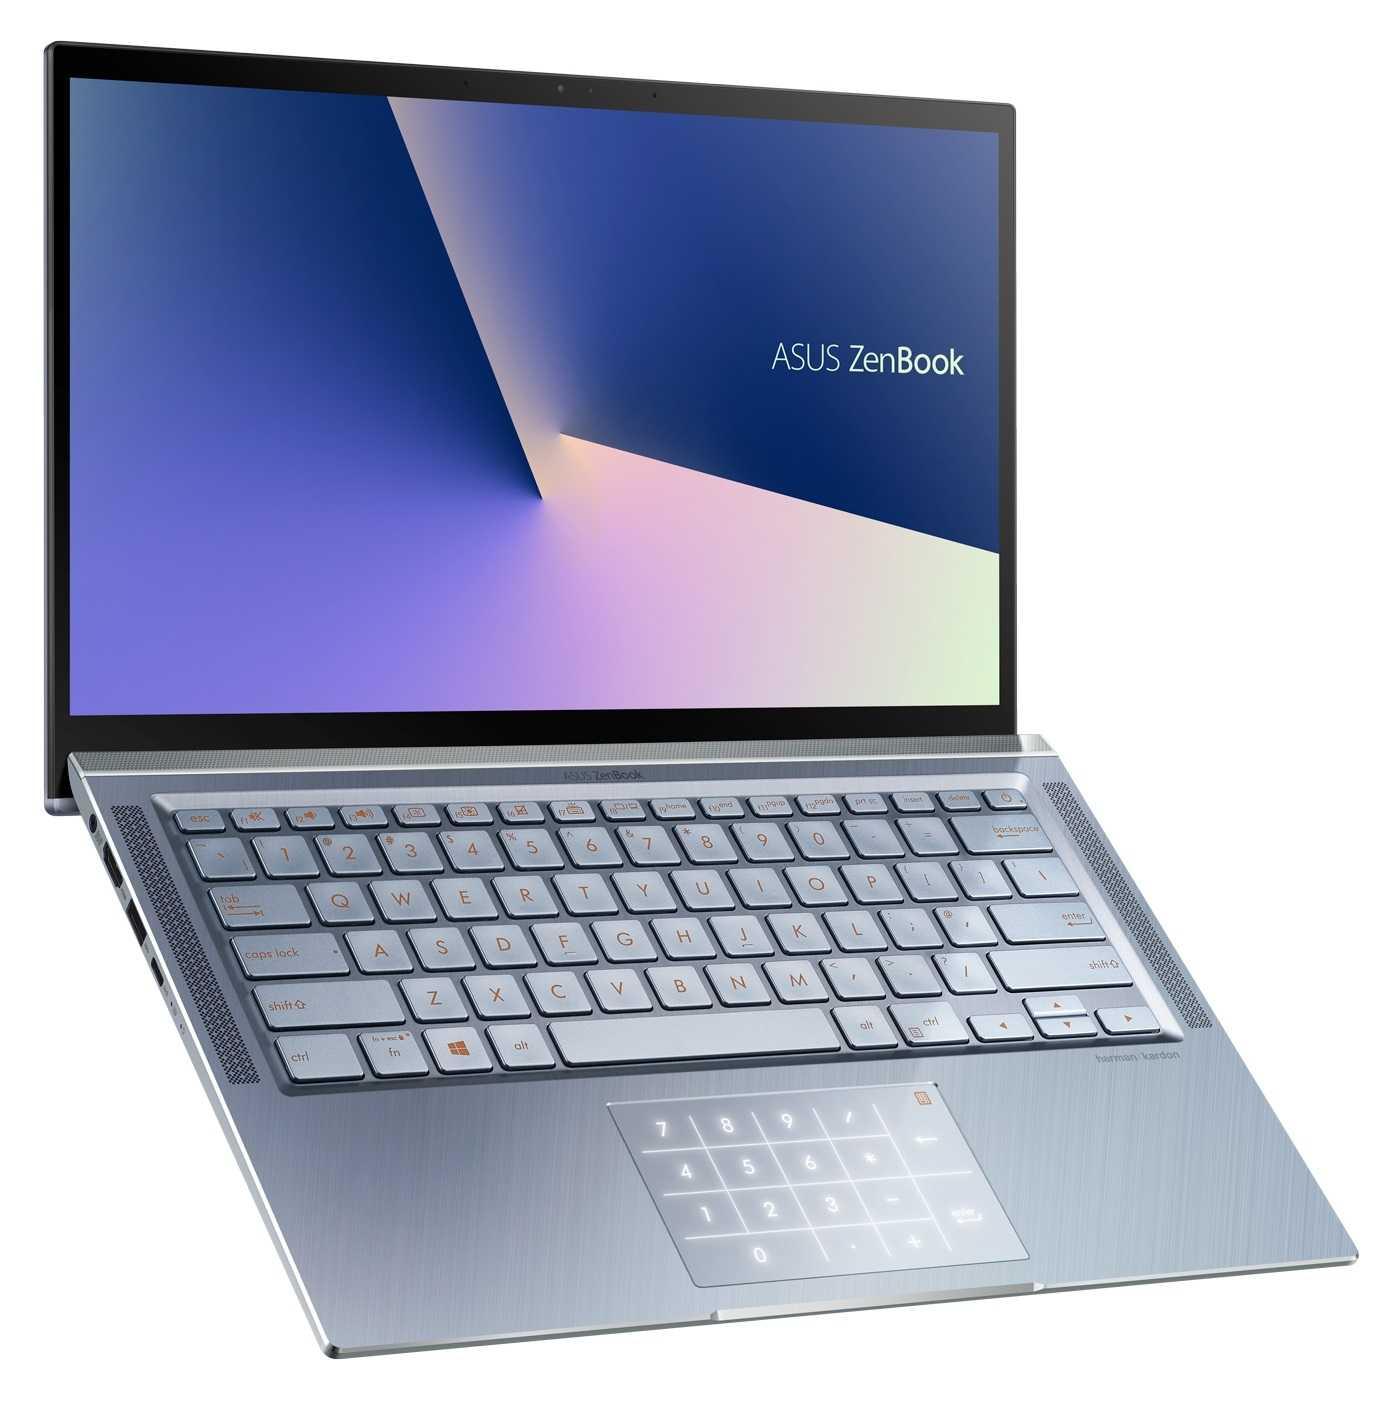 Das Touchpad des ZenBook 14 lässt sich whalweise als Ziffernblock verwenden.